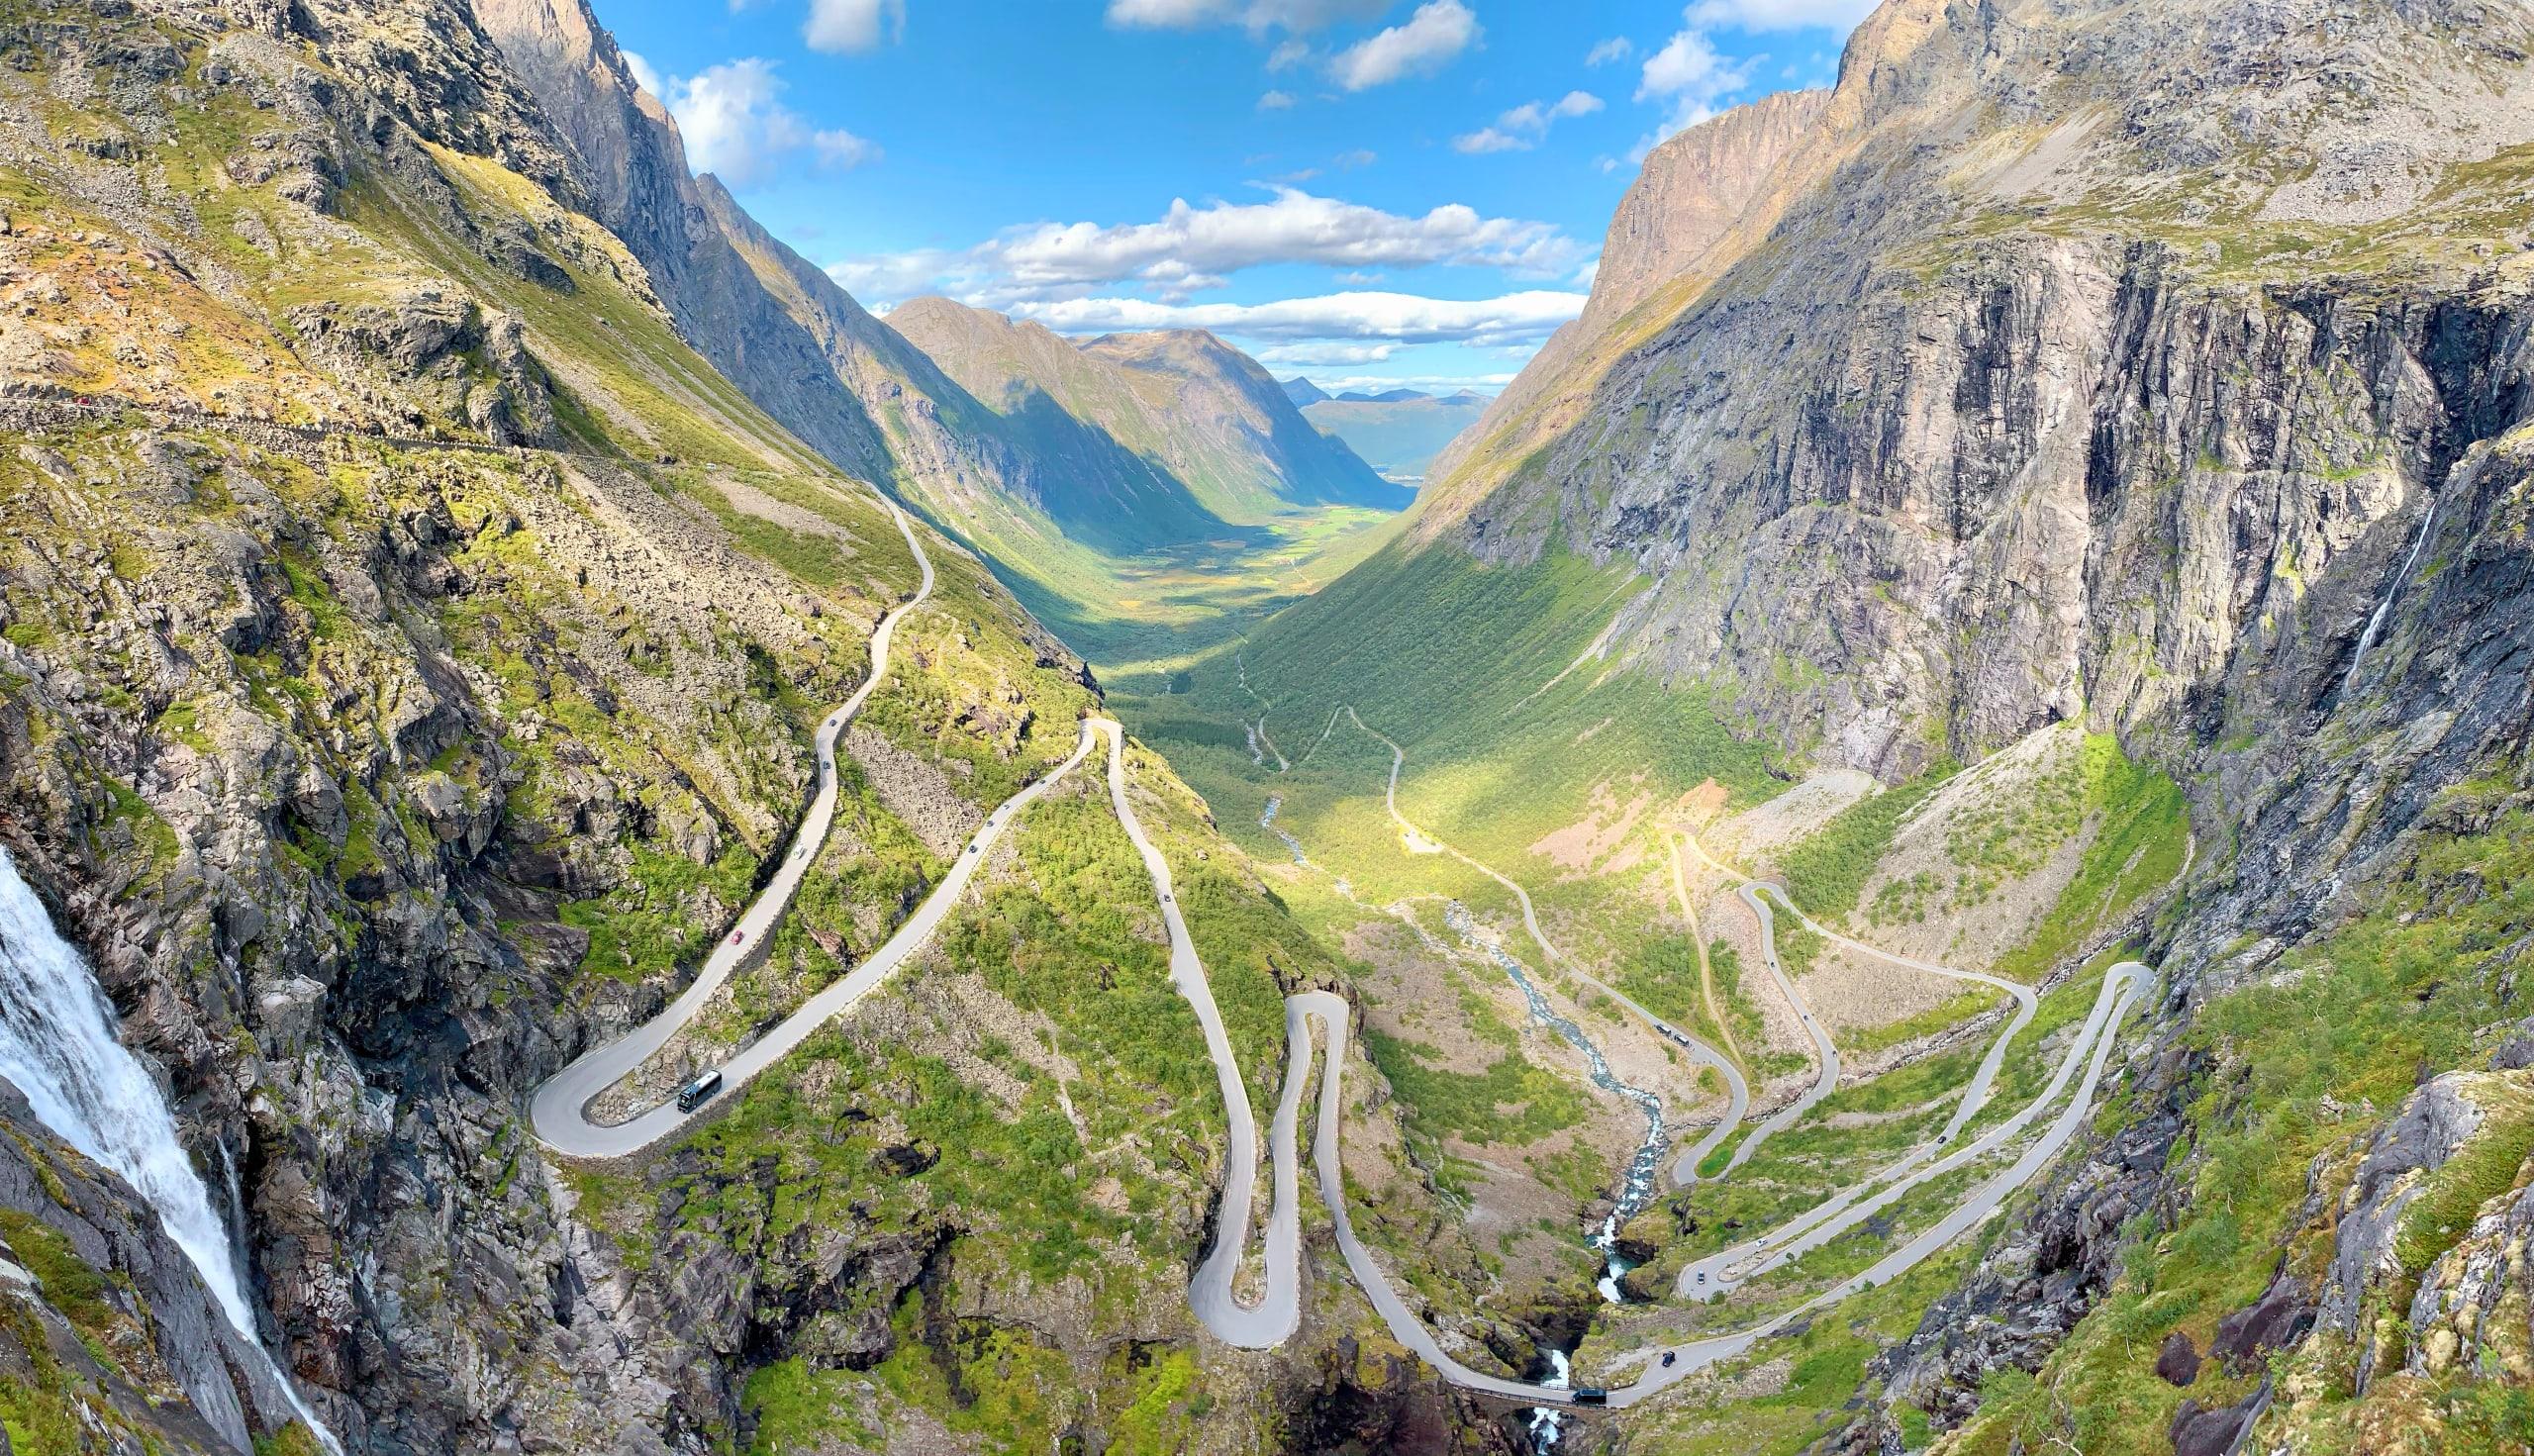 The scenic mountain road Trollstigen